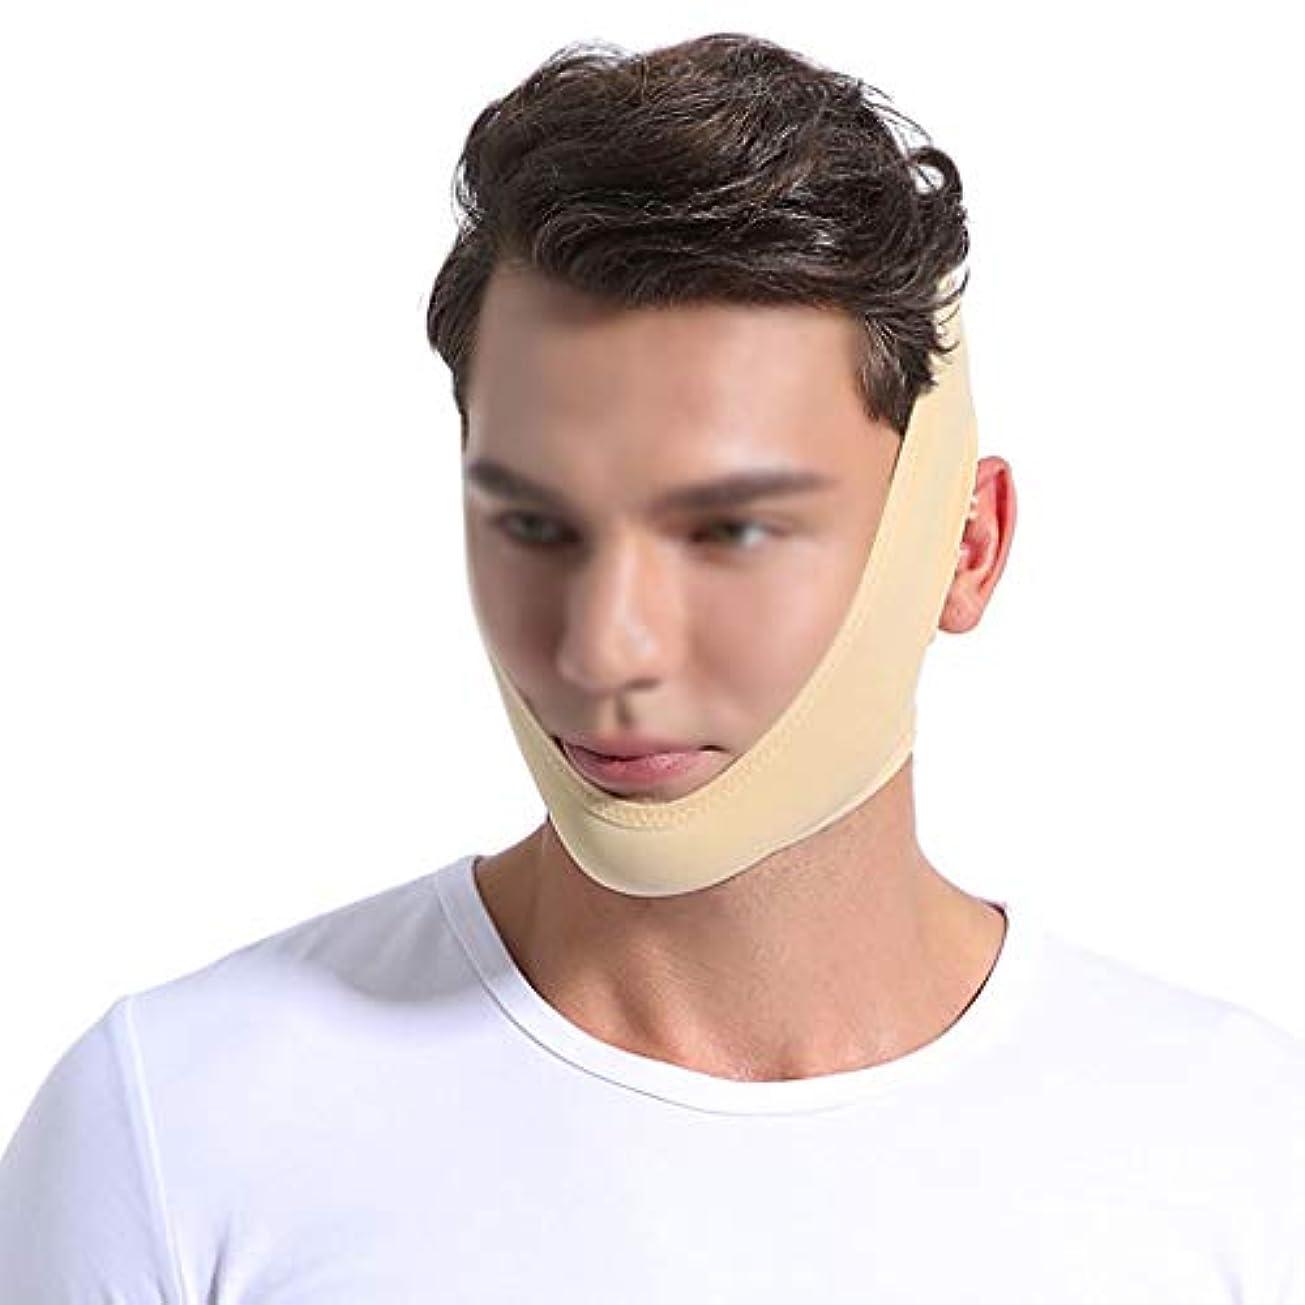 パンサー酔って主要な医療ワイヤーカービング、男性と女性の顔の弾性包帯ヘッドギア結ばれた小さなV顔薄いフェイスマスクを結んだ後リフティングマスクを再開